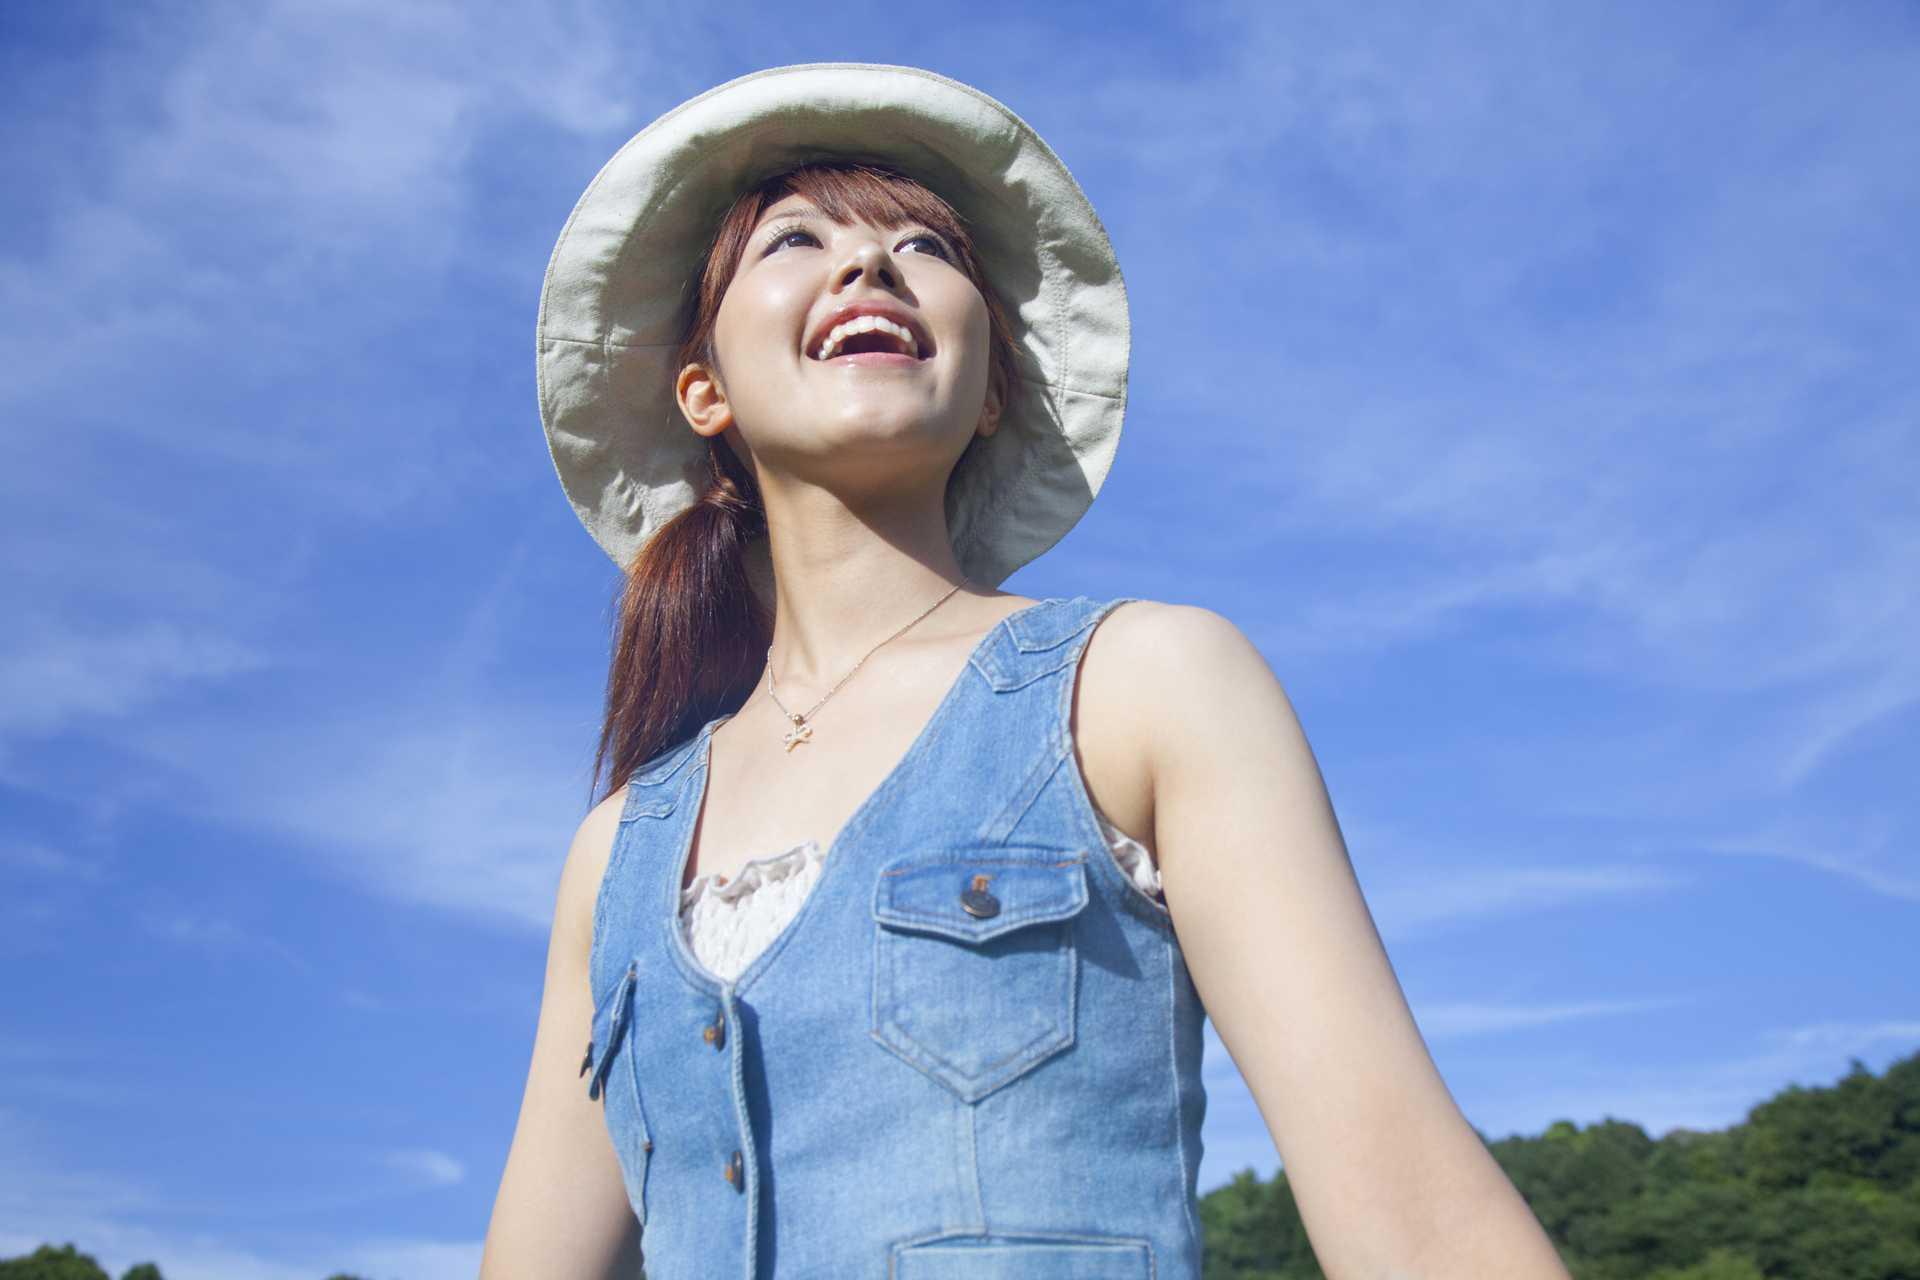 いつもご機嫌でいたいなら、日常の当たり前に幸せを感じること。 | 人生を楽しく生きる30の方法